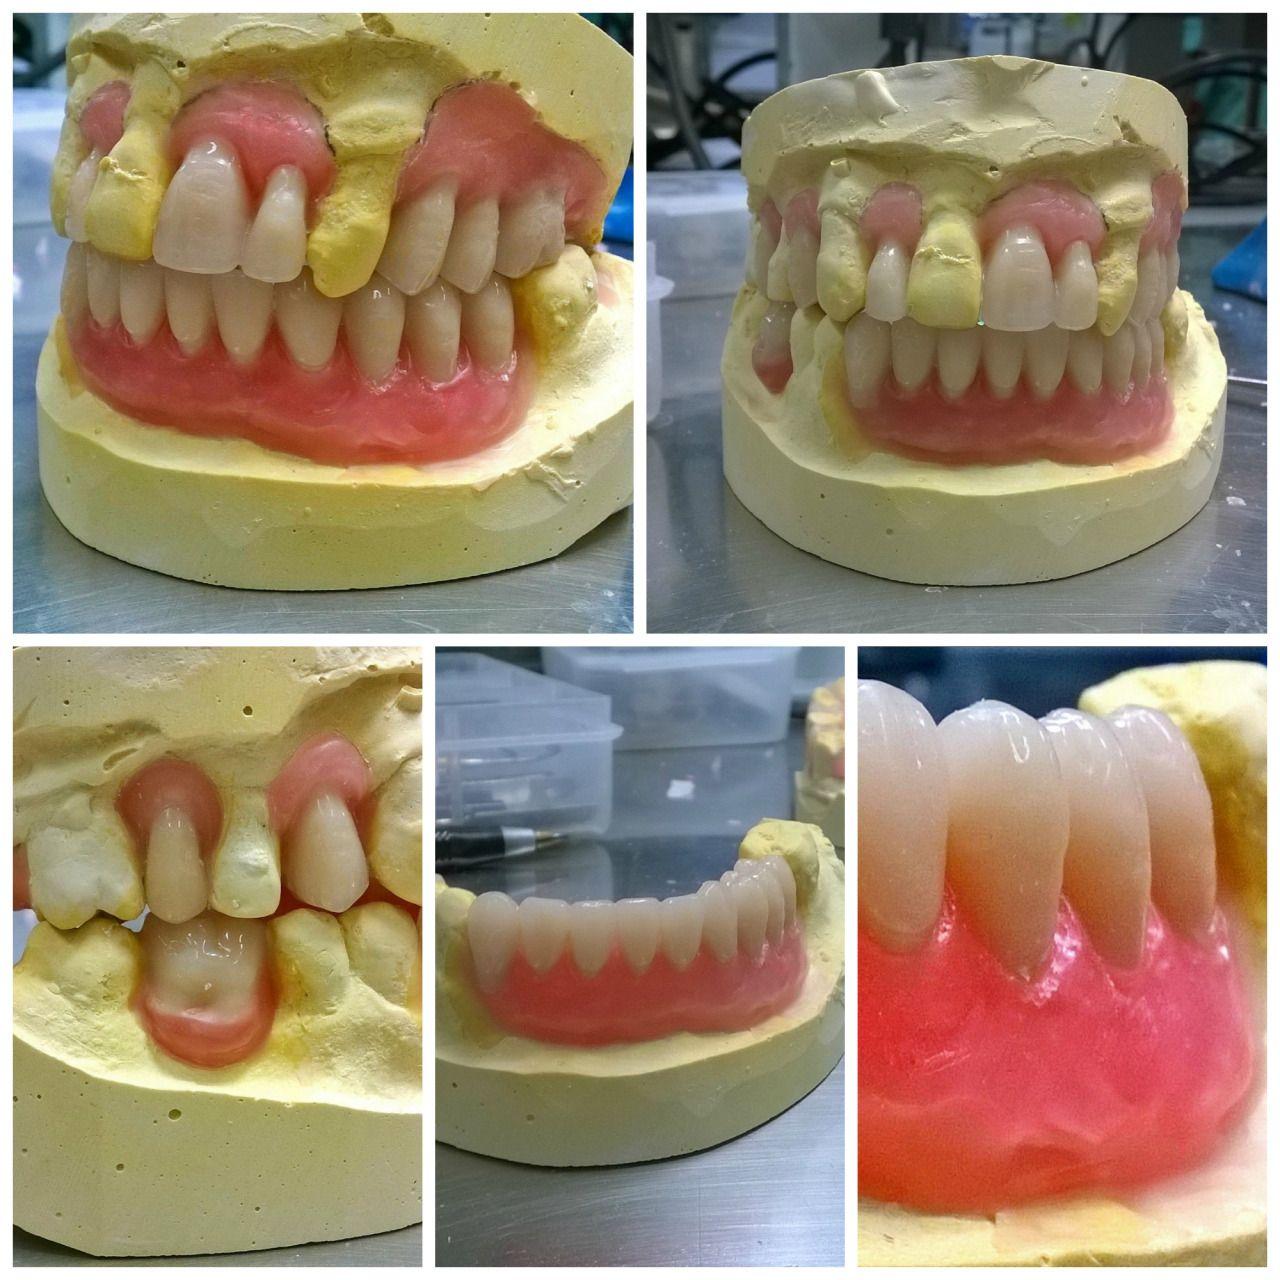 Jul 14, 2015 Happy moments, Orthodontics, Orthodontic